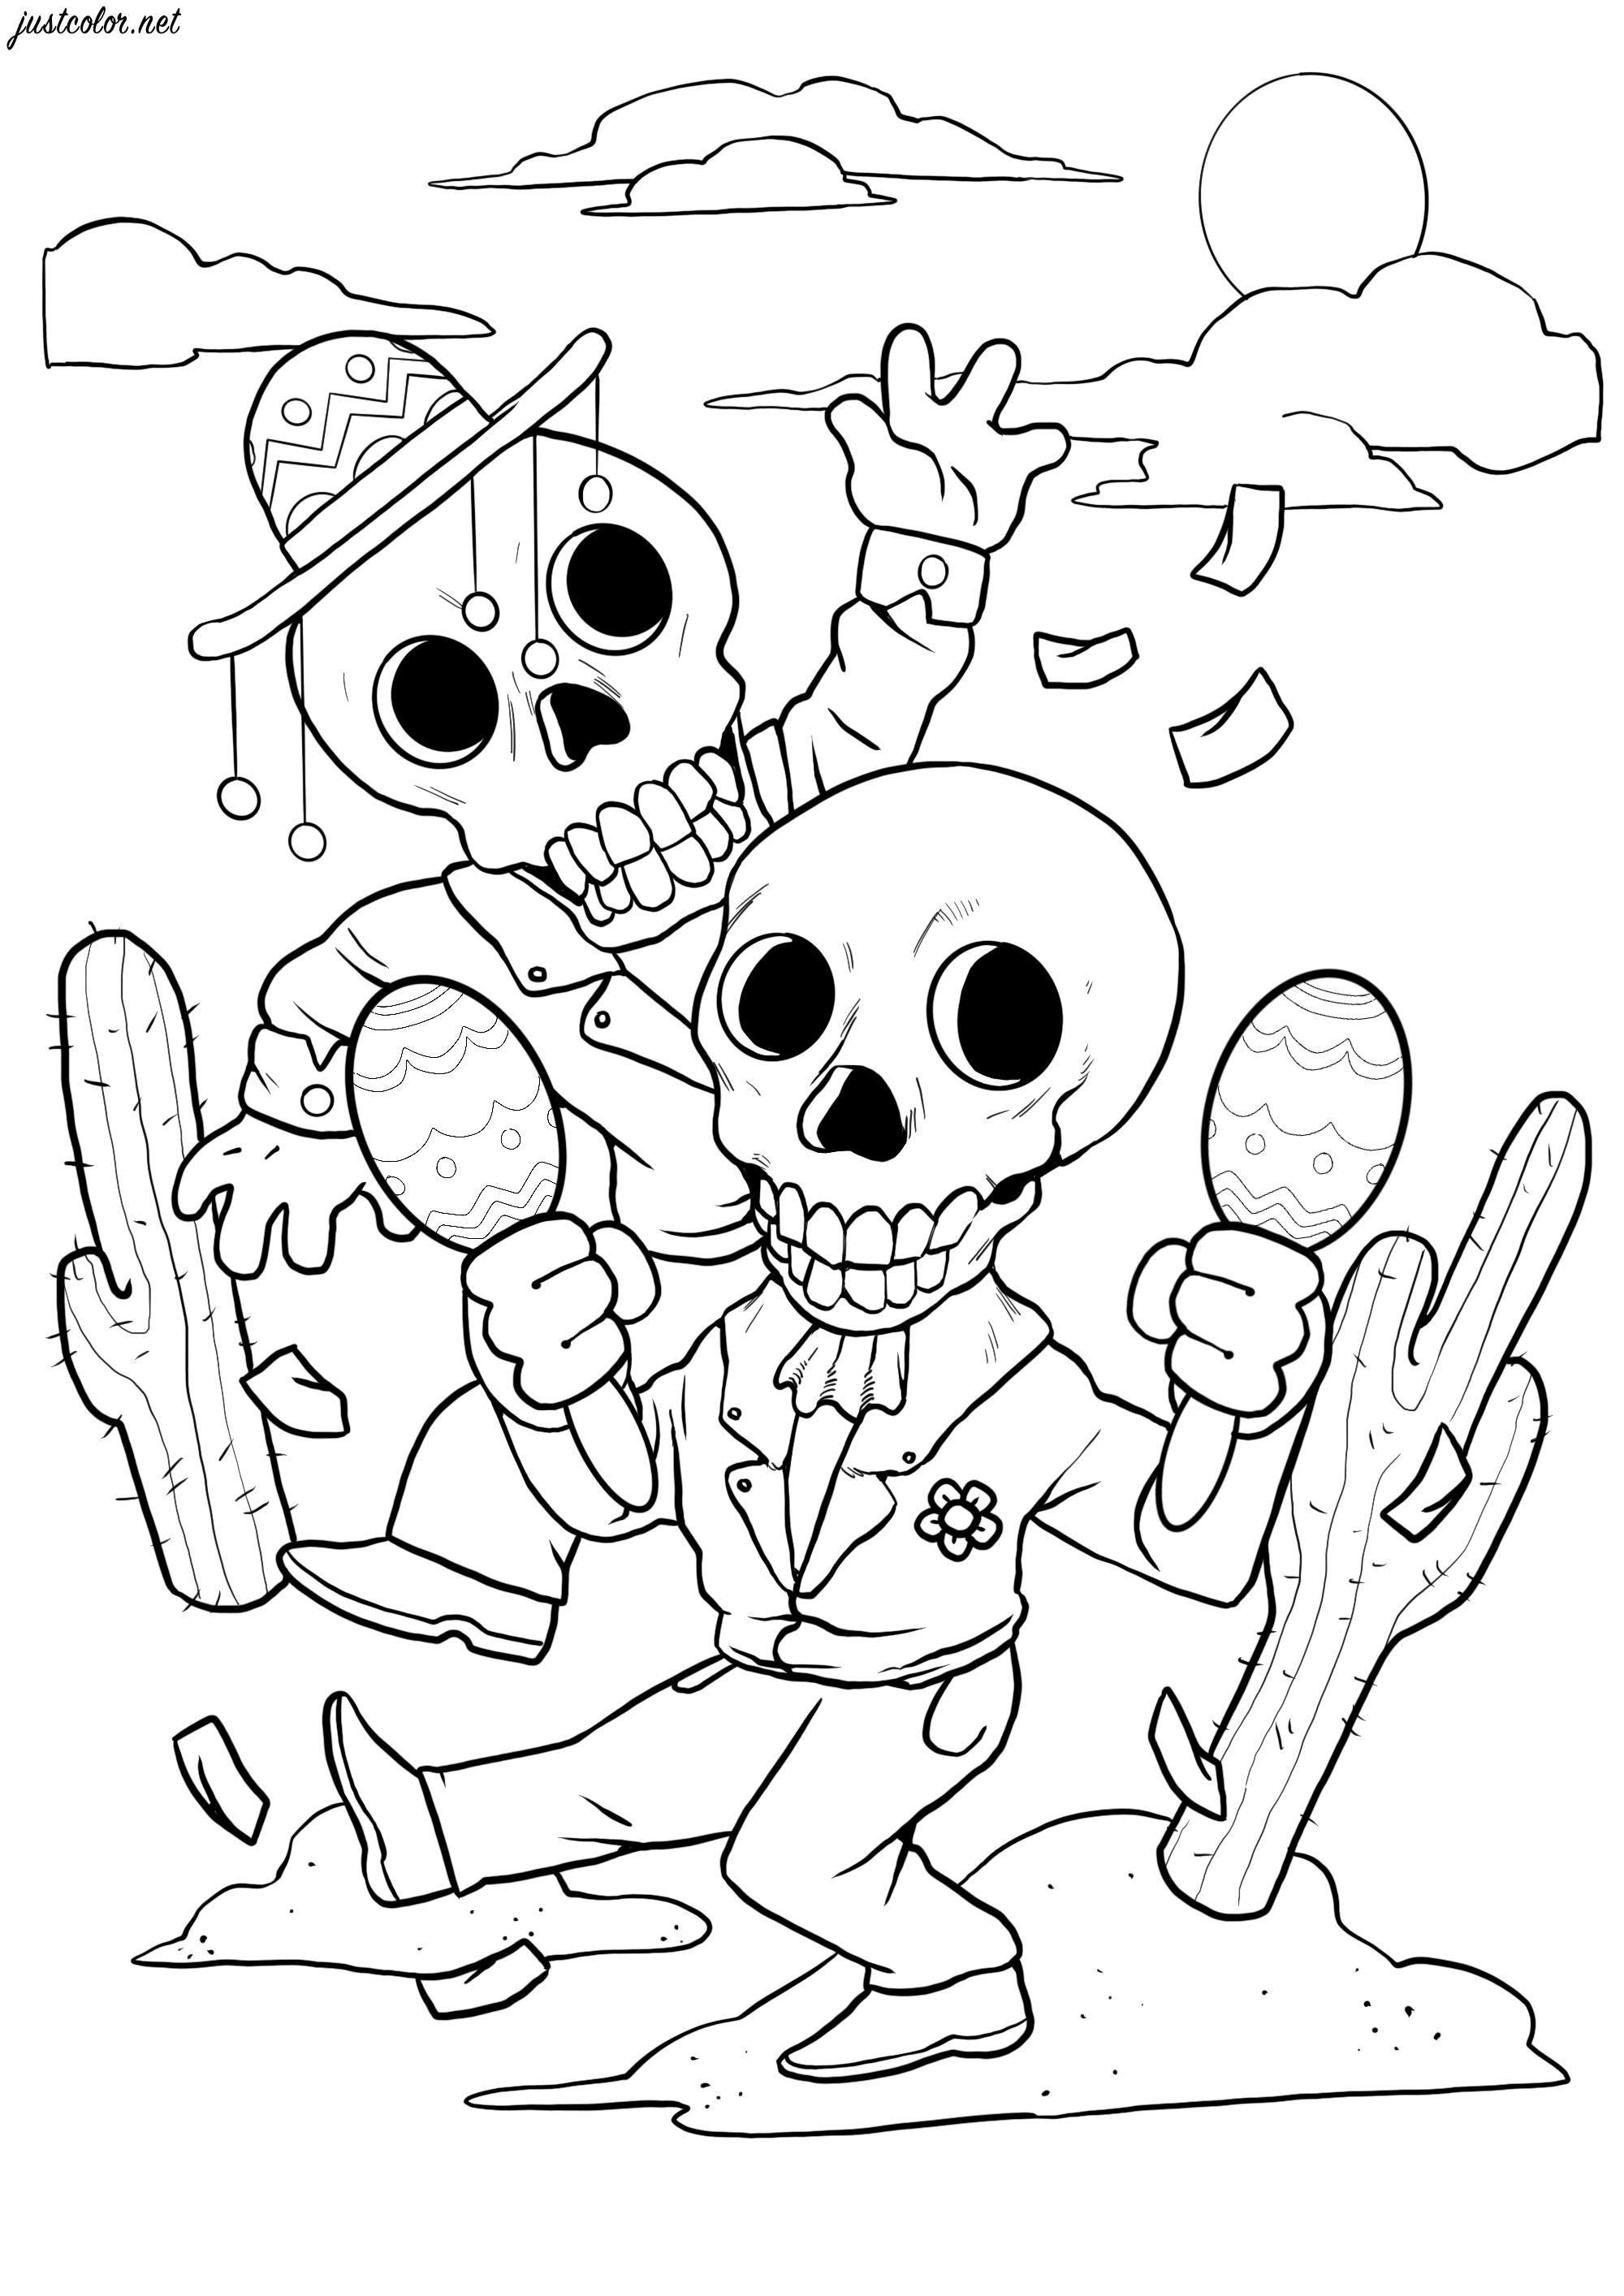 Those two happy skeletons are dancing for El Día de los Muertos